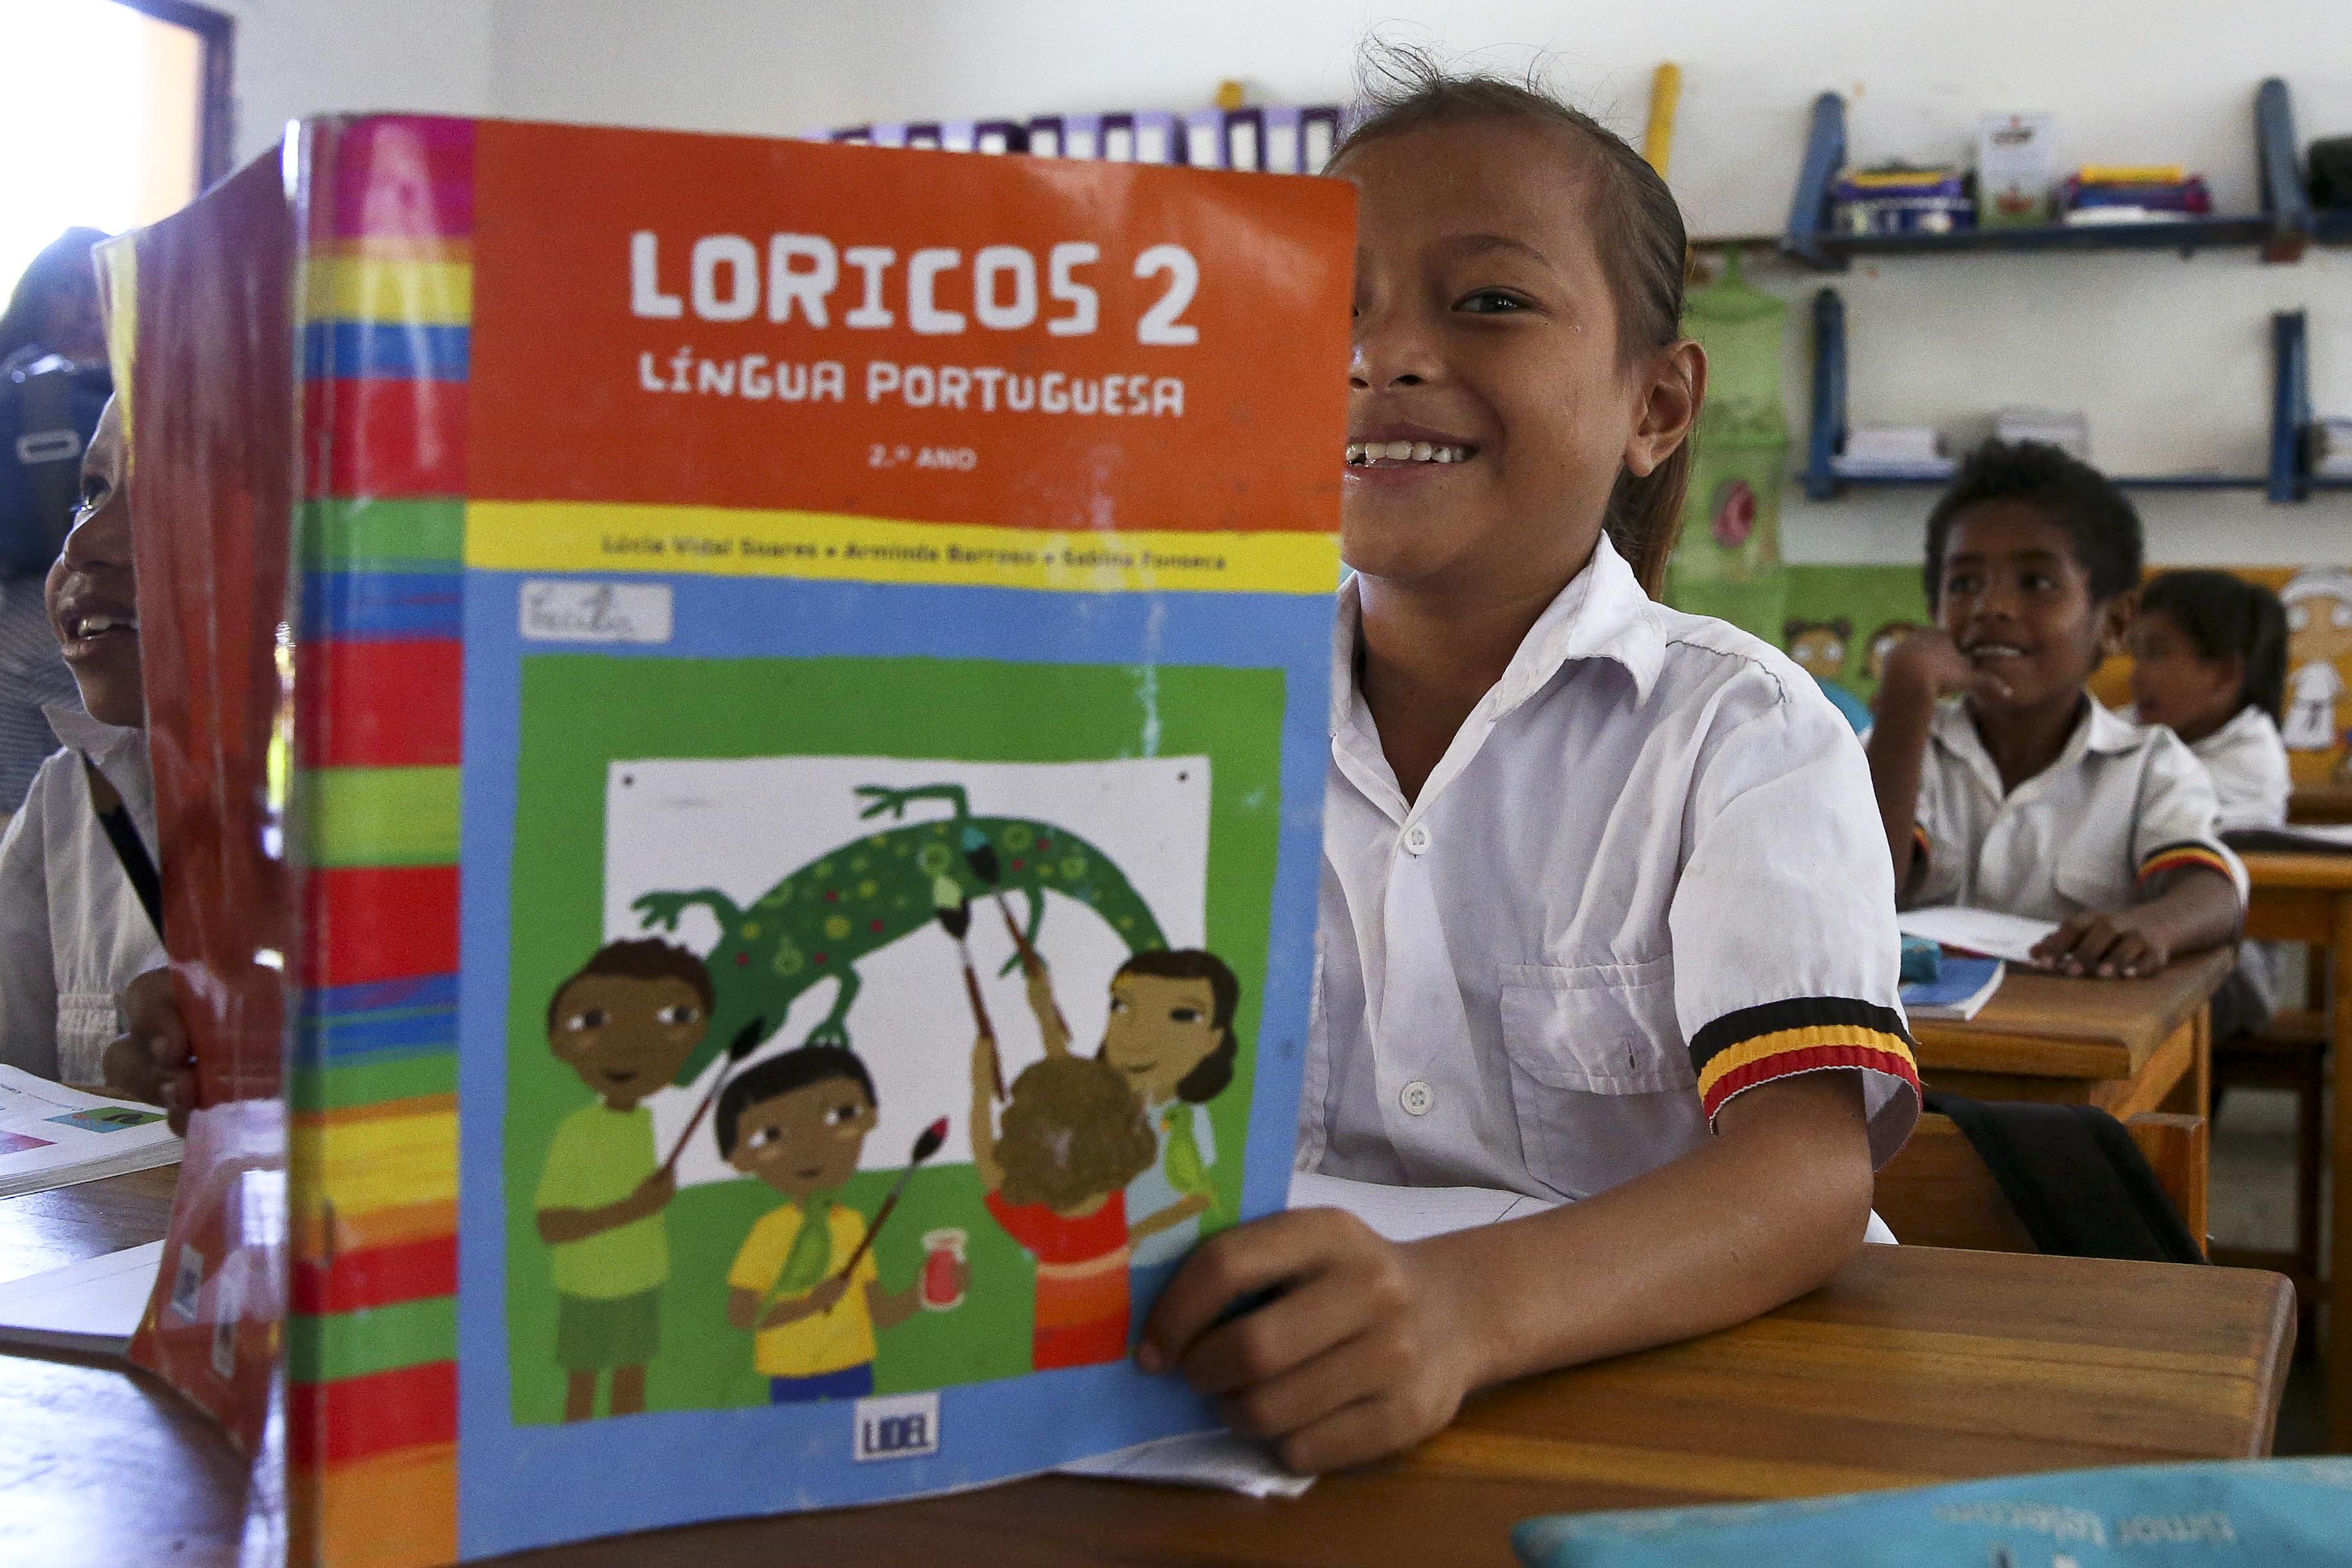 Formação de docentes e metodologias de ensino devem ser revistas em Timor-Leste - ministro